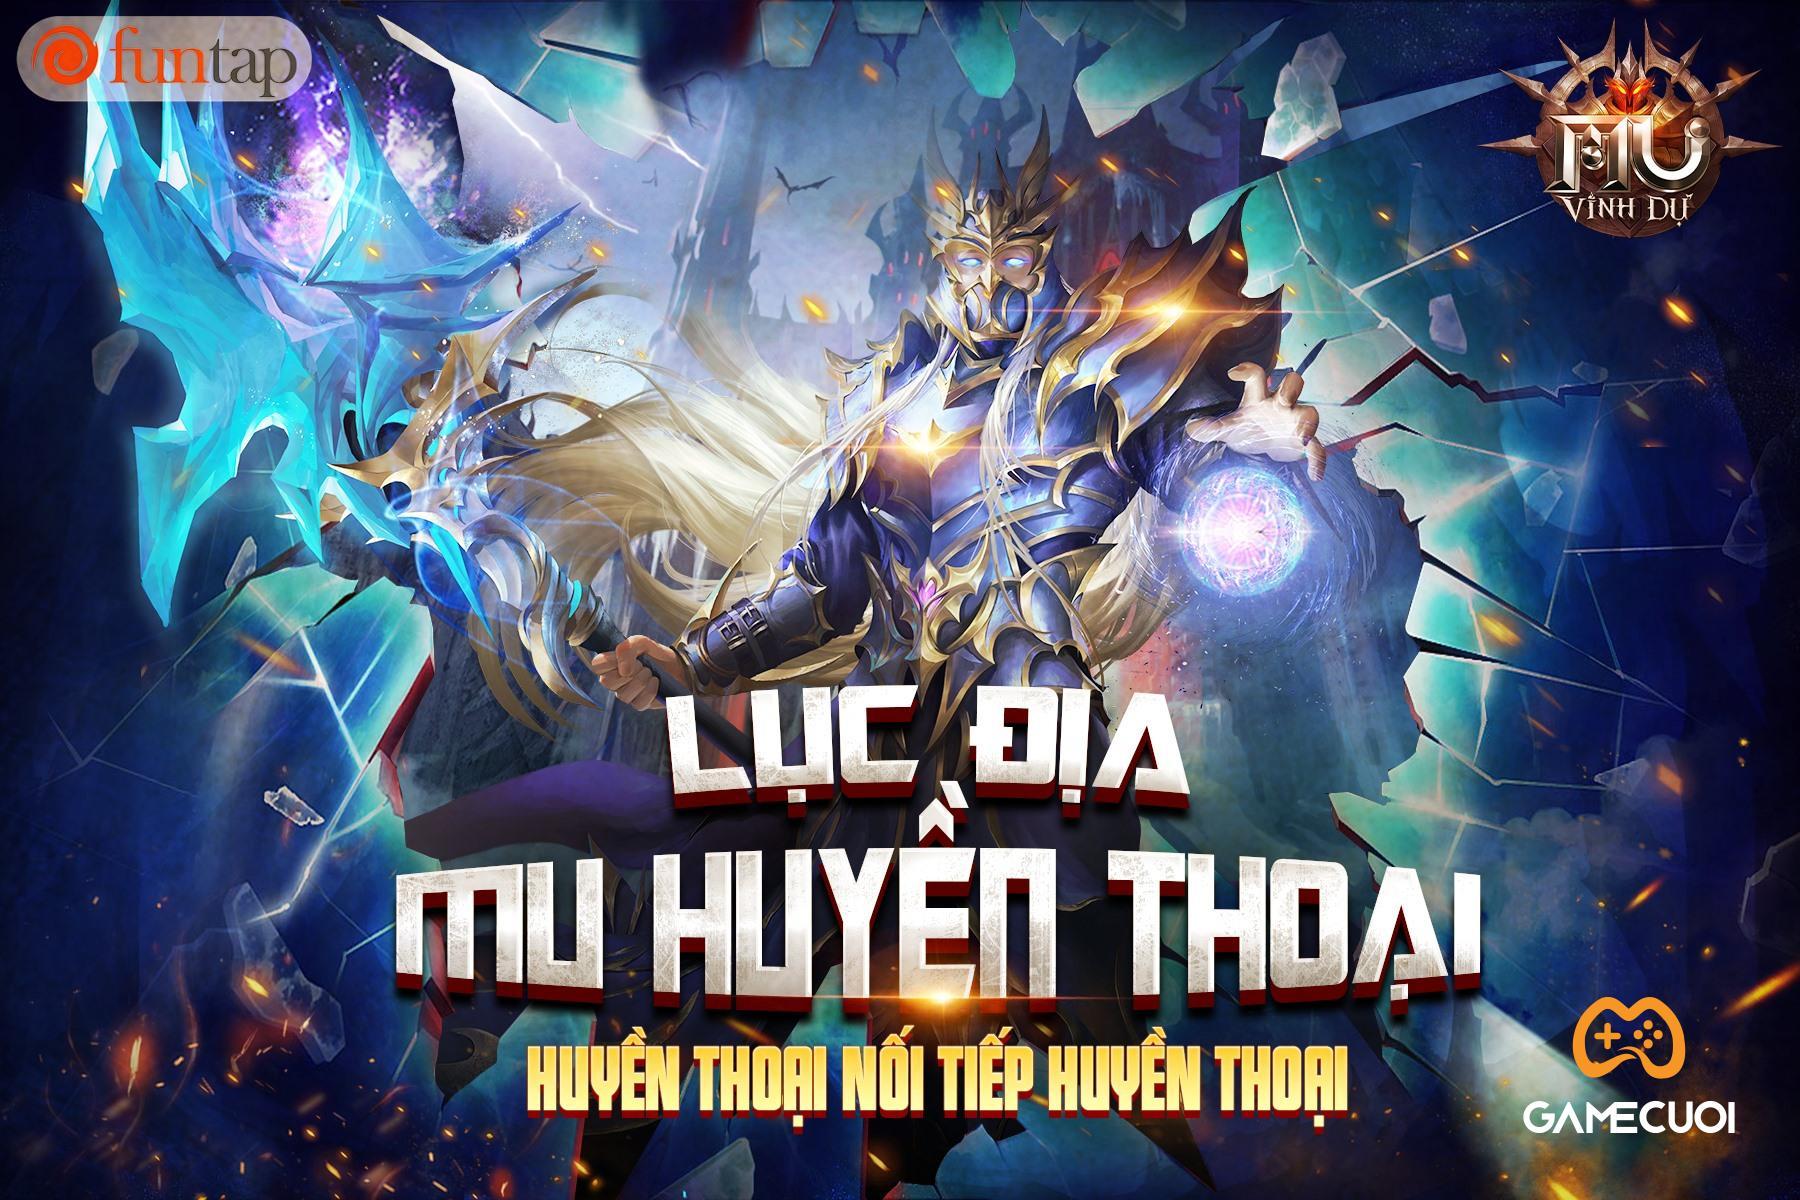 Vinh Diệu Đại Thiên Sứ sẽ được FunTap phát hành tại Việt Nam với tên MU Vinh Dự vào tháng 10/2021